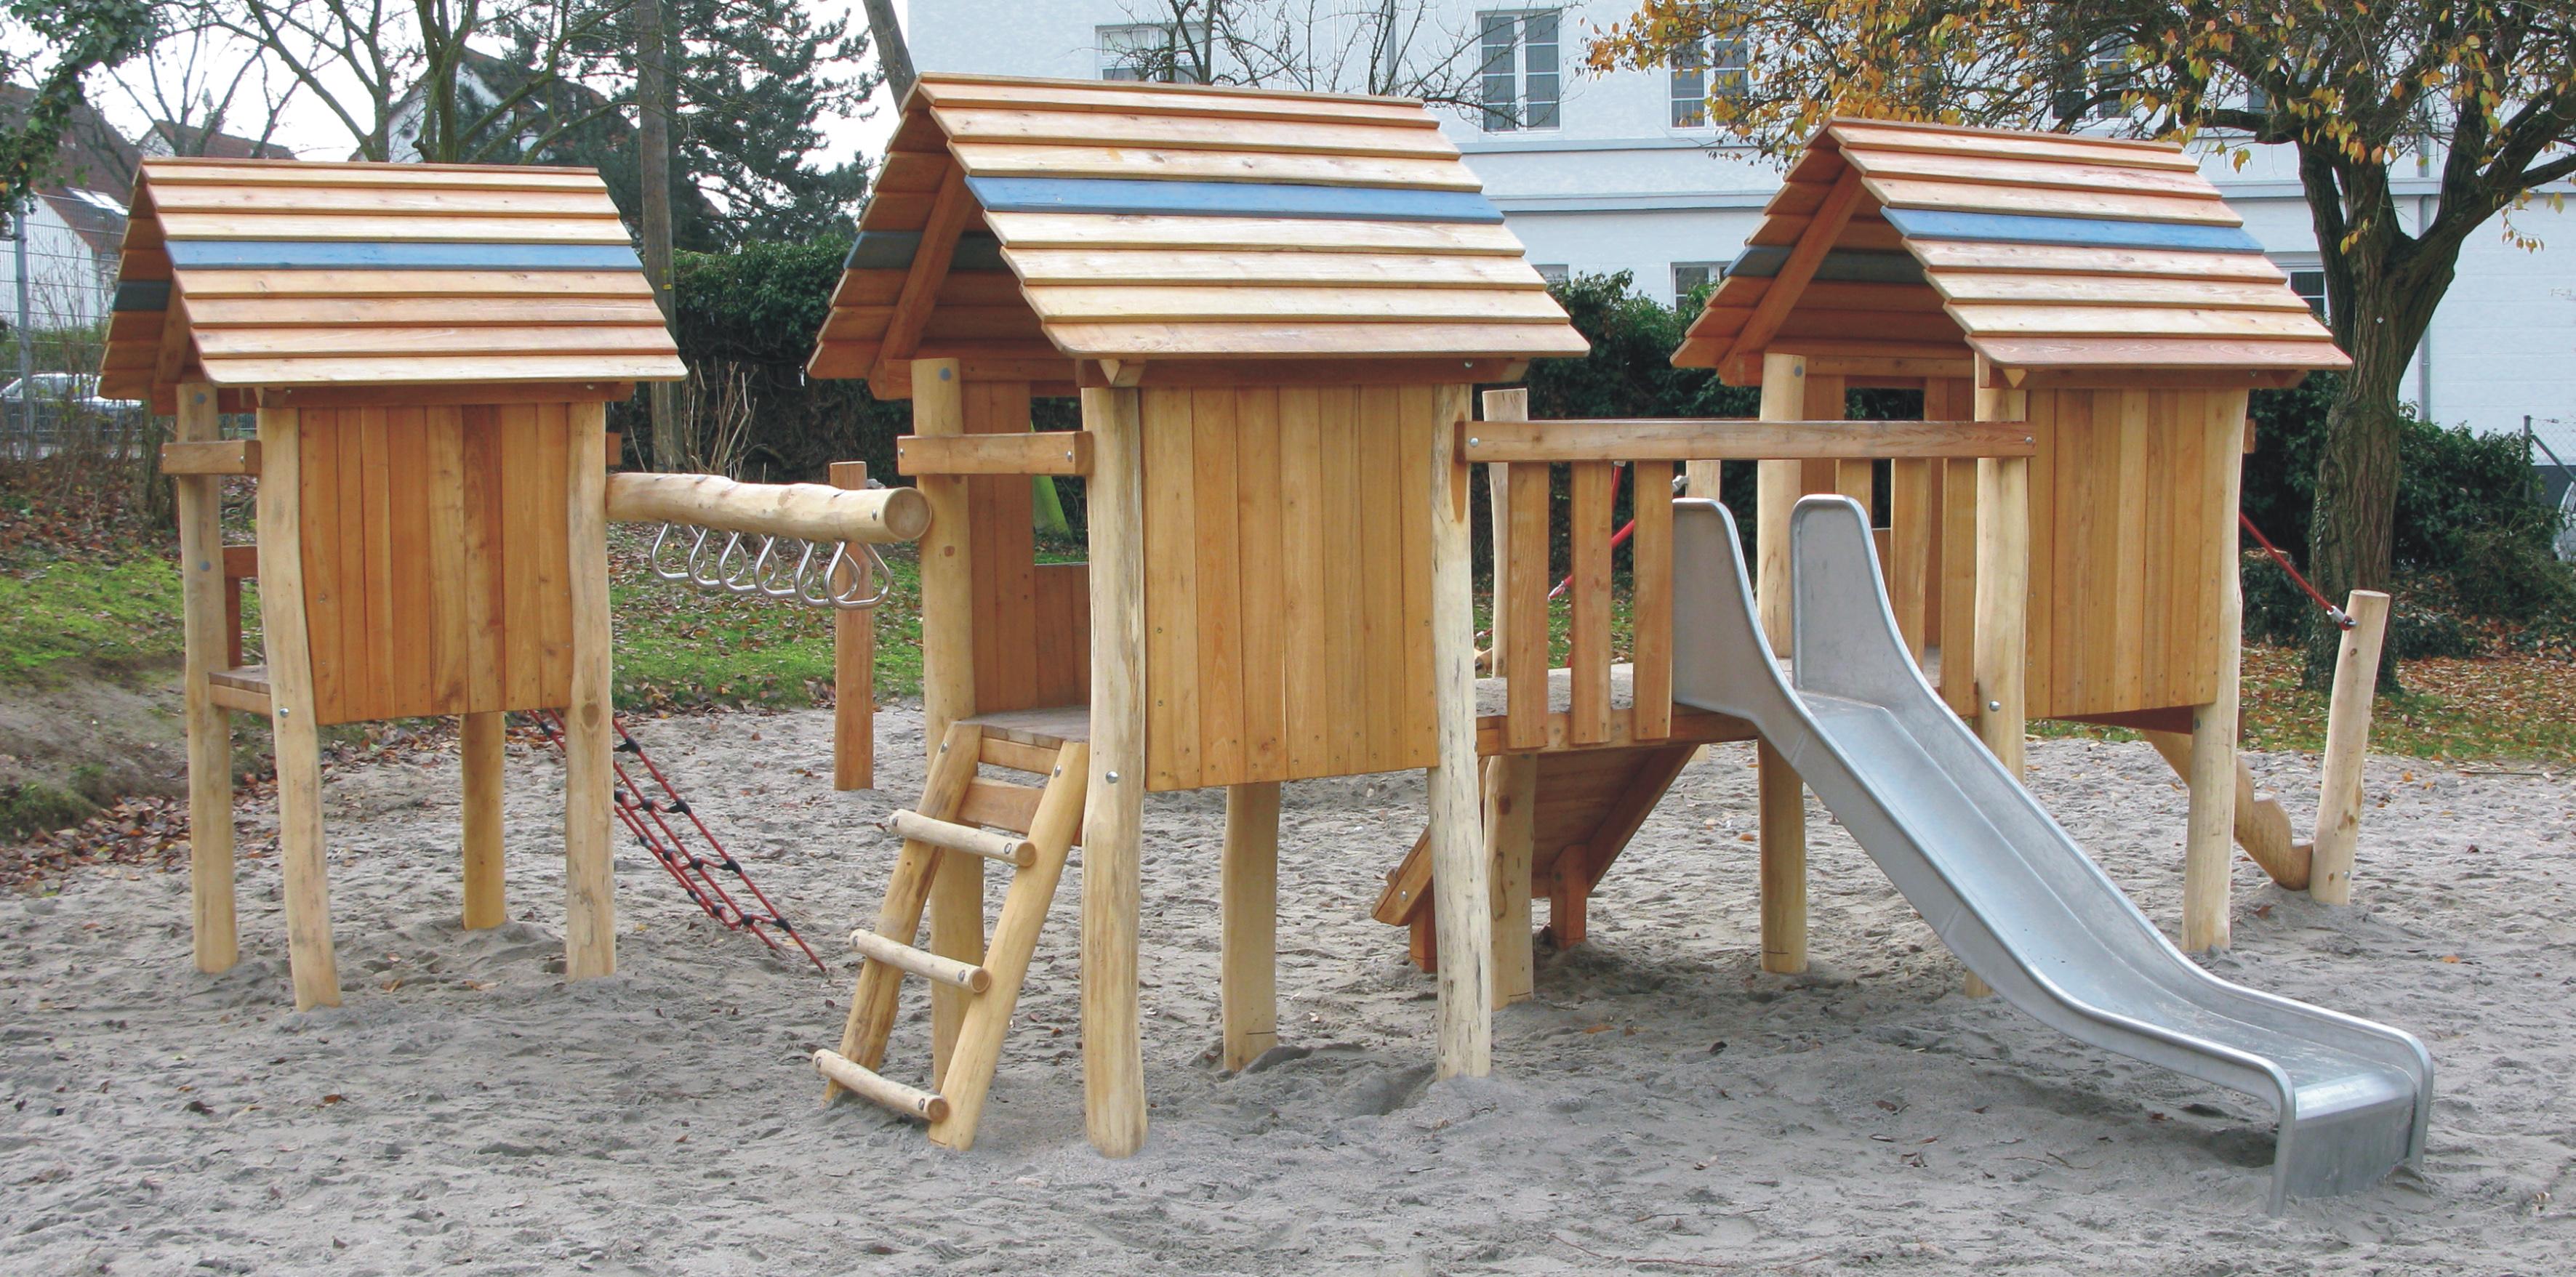 http://planer.seibel-spielgeraete.de/sites/default/files/bilder/original/038-pfahlsiedlung_kd.jpg